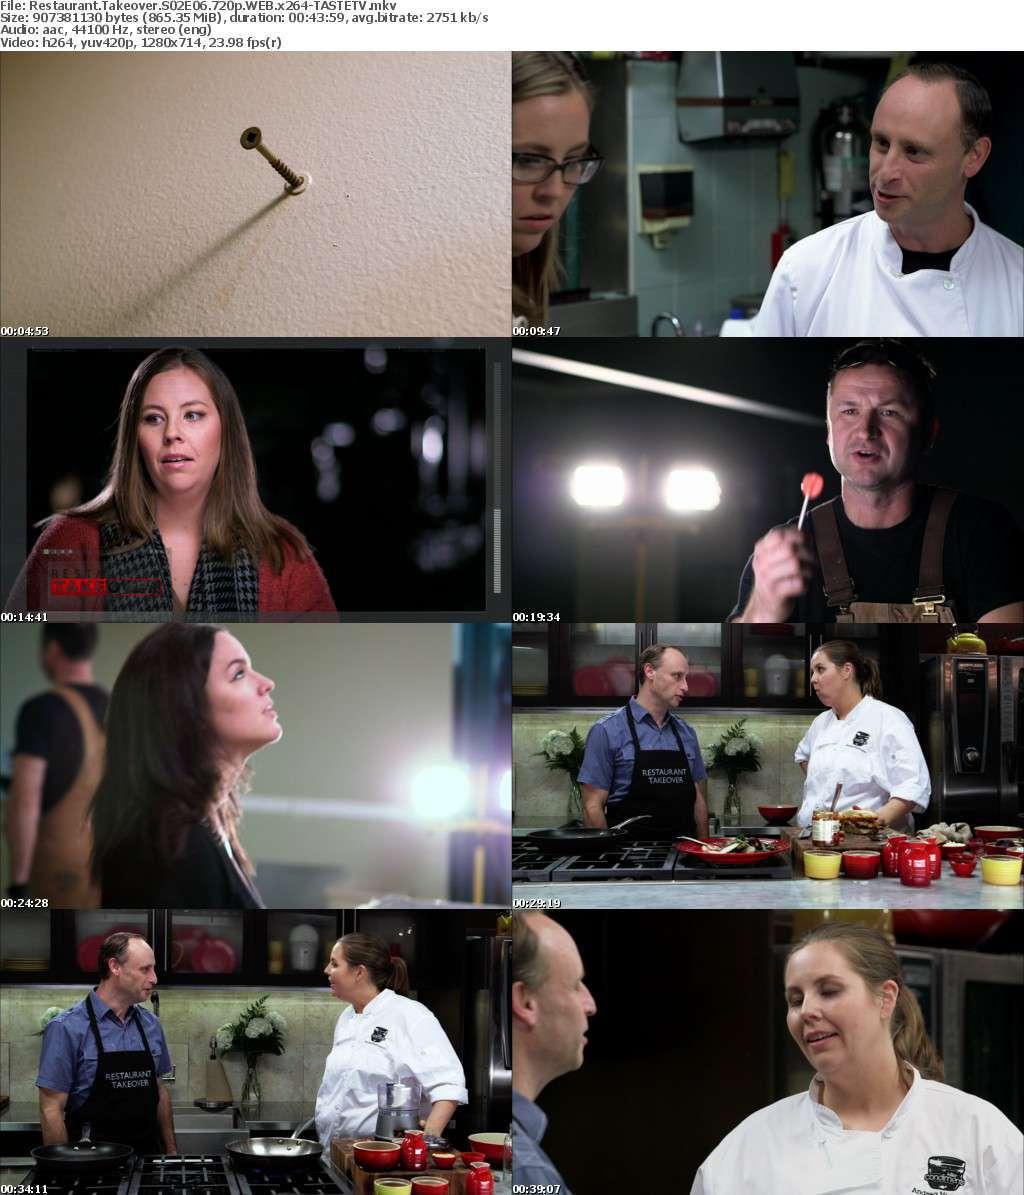 Restaurant Takeover S02E06 720p WEB x264-TASTETV